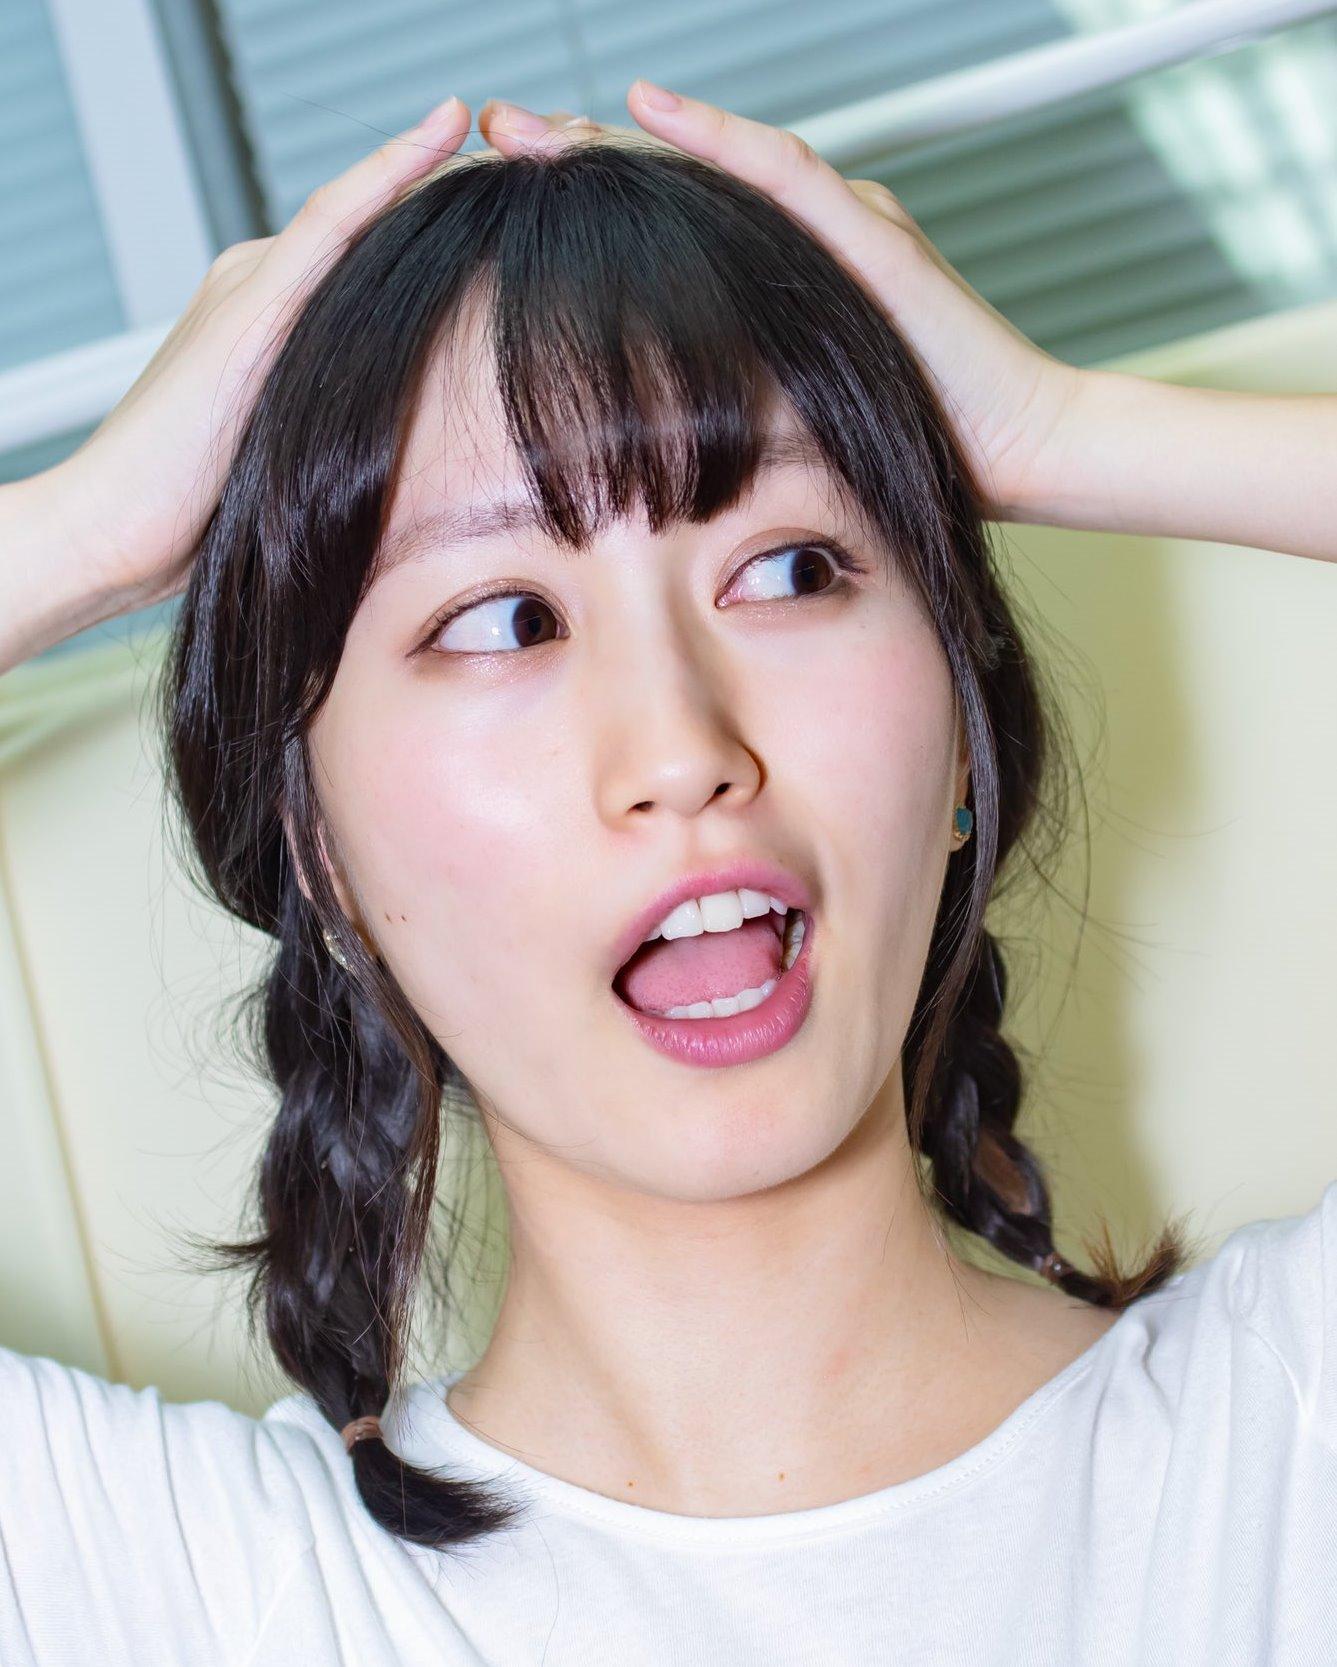 佐藤遥の開口舌見せ (5)